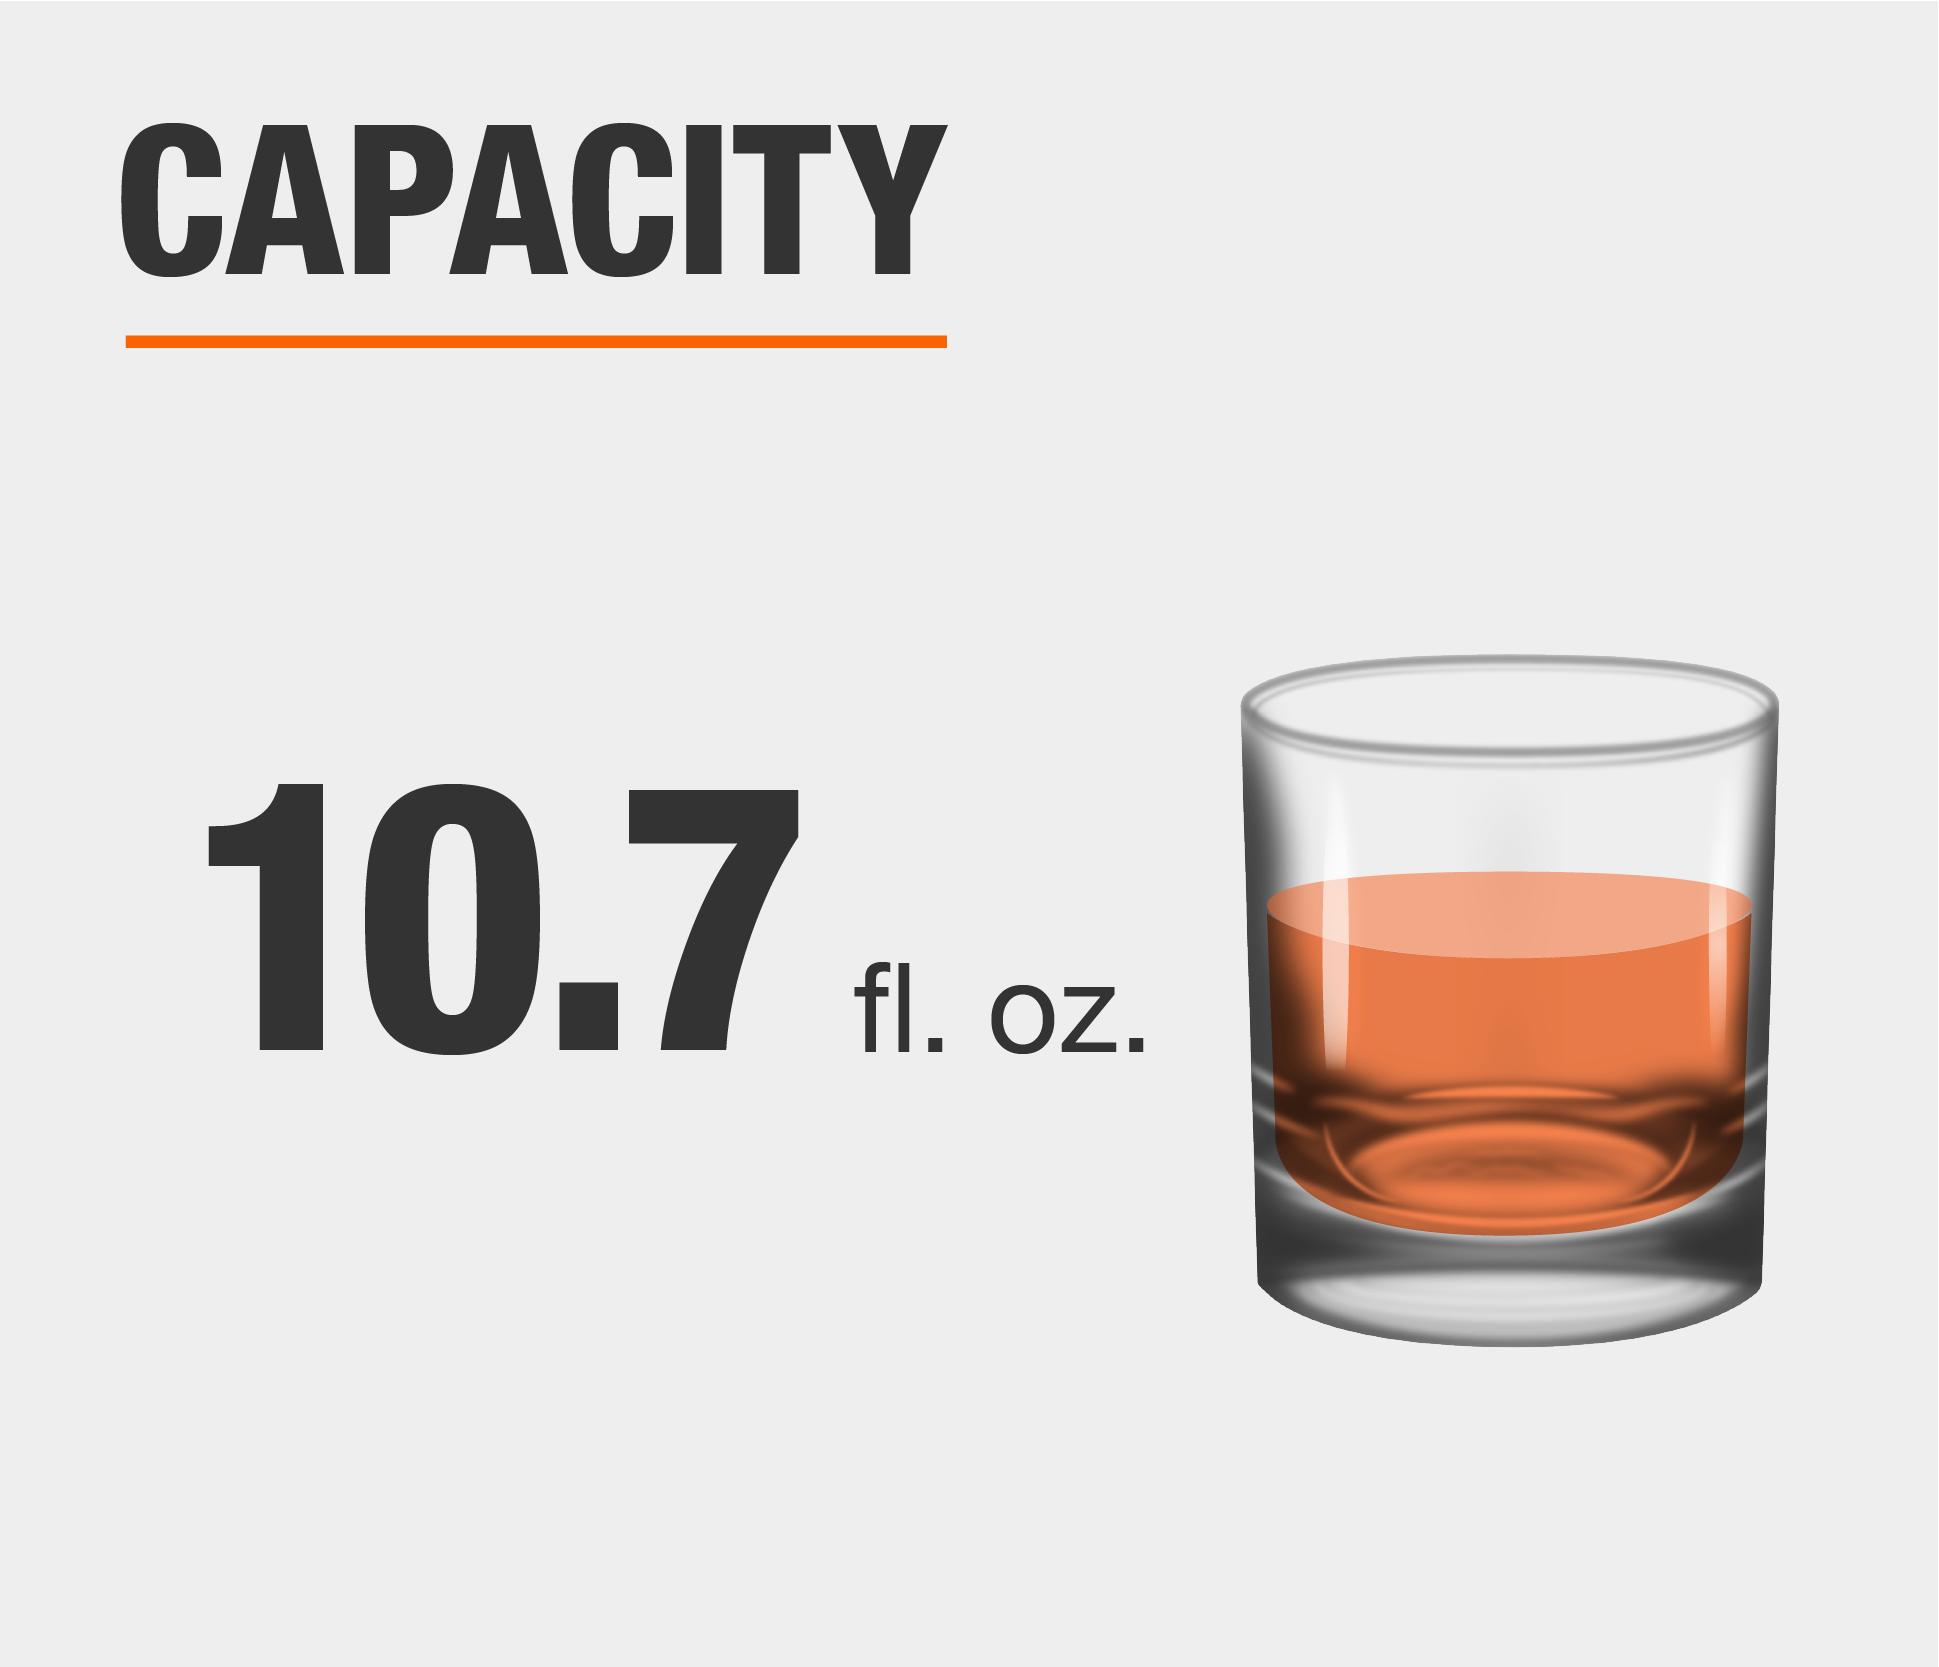 Drinkware set capacity is 10.7 fluid ounces